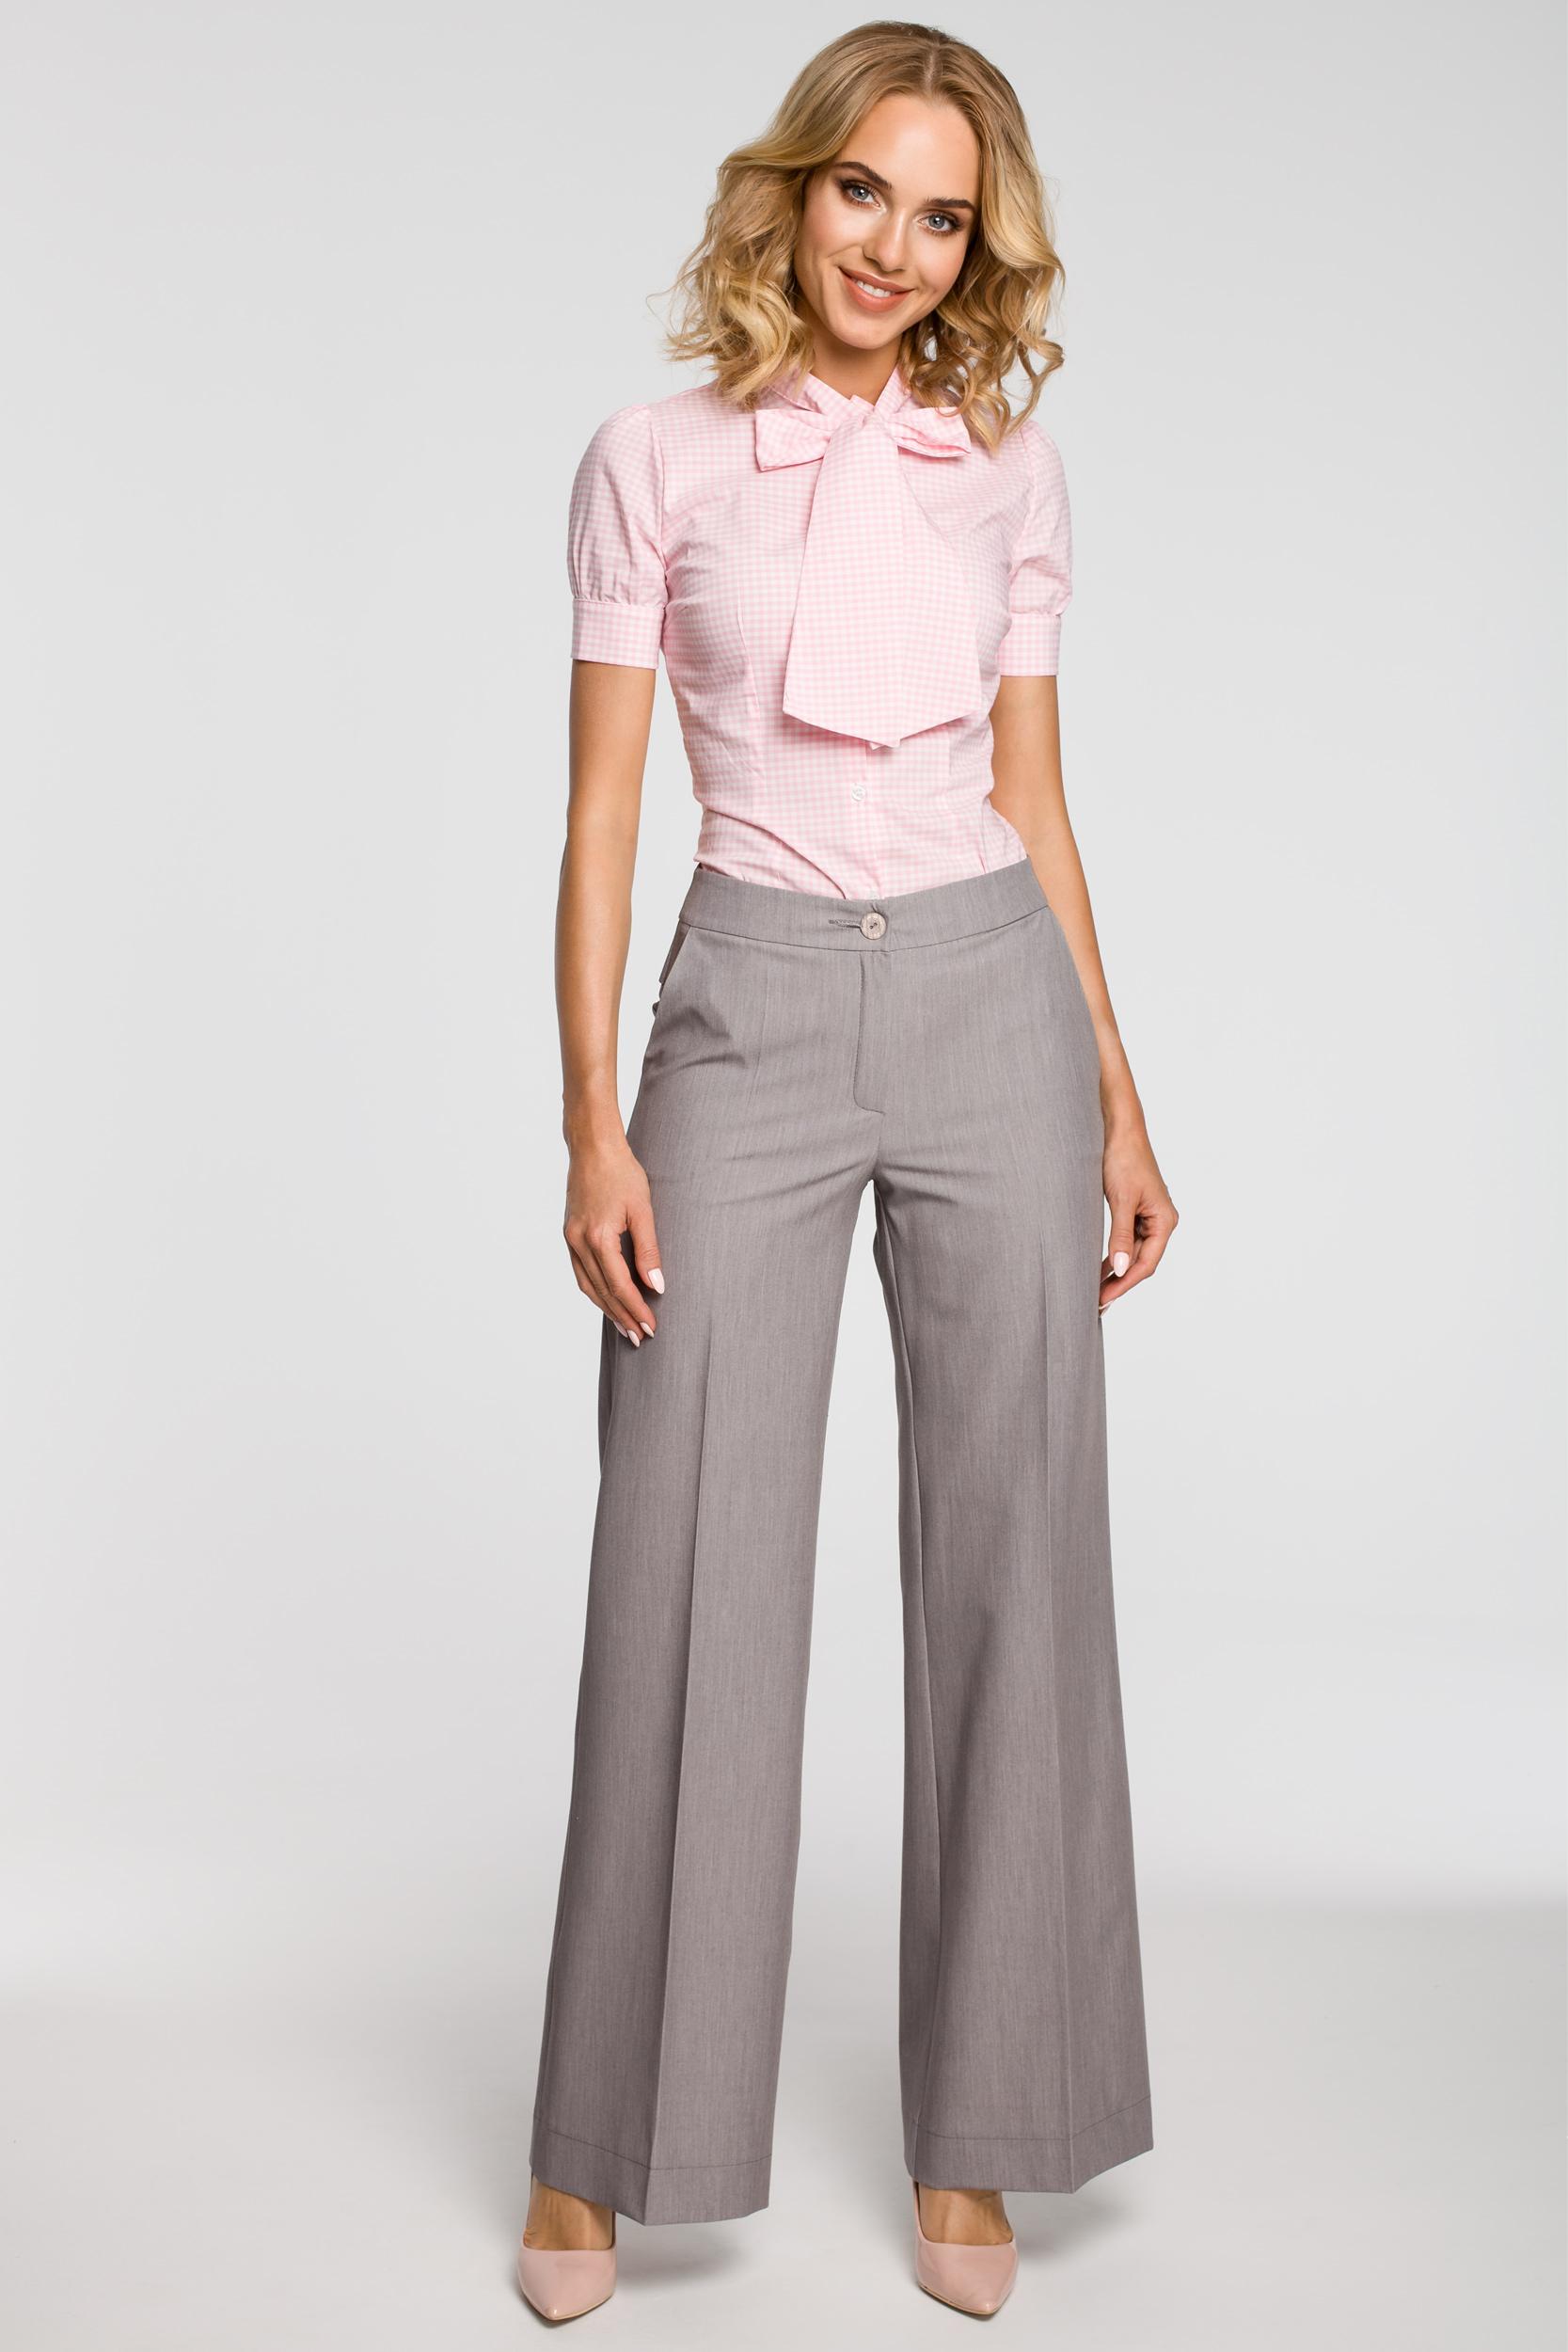 1c853b8ff01d4c ... CM0786 Koszula damska w kratkę z kokardą i krótkim rękawem - różowa ...